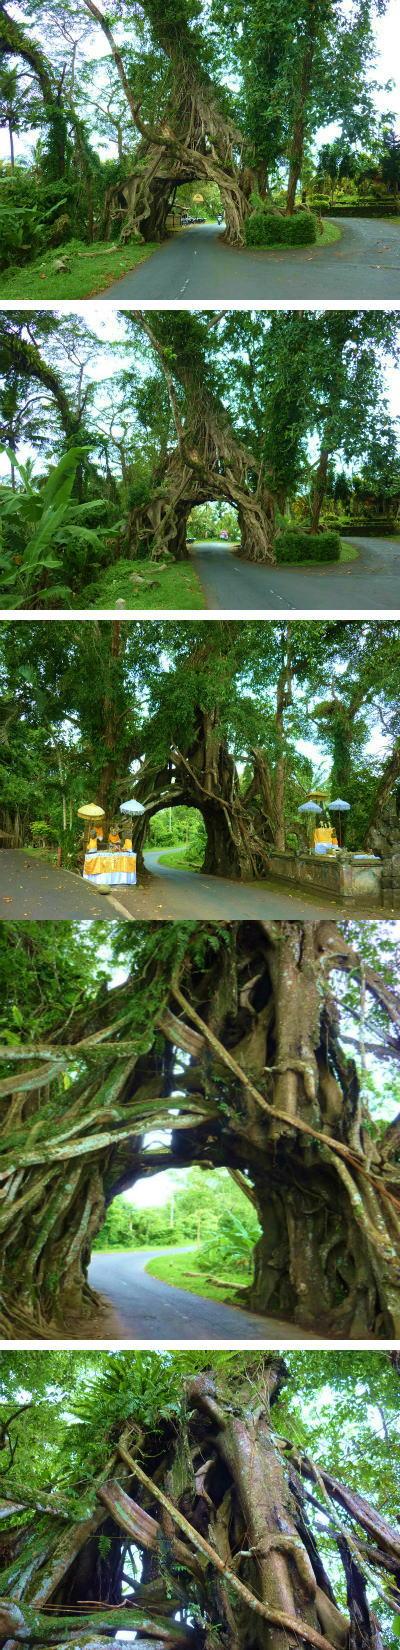 パワースポット・ガジュマルの木